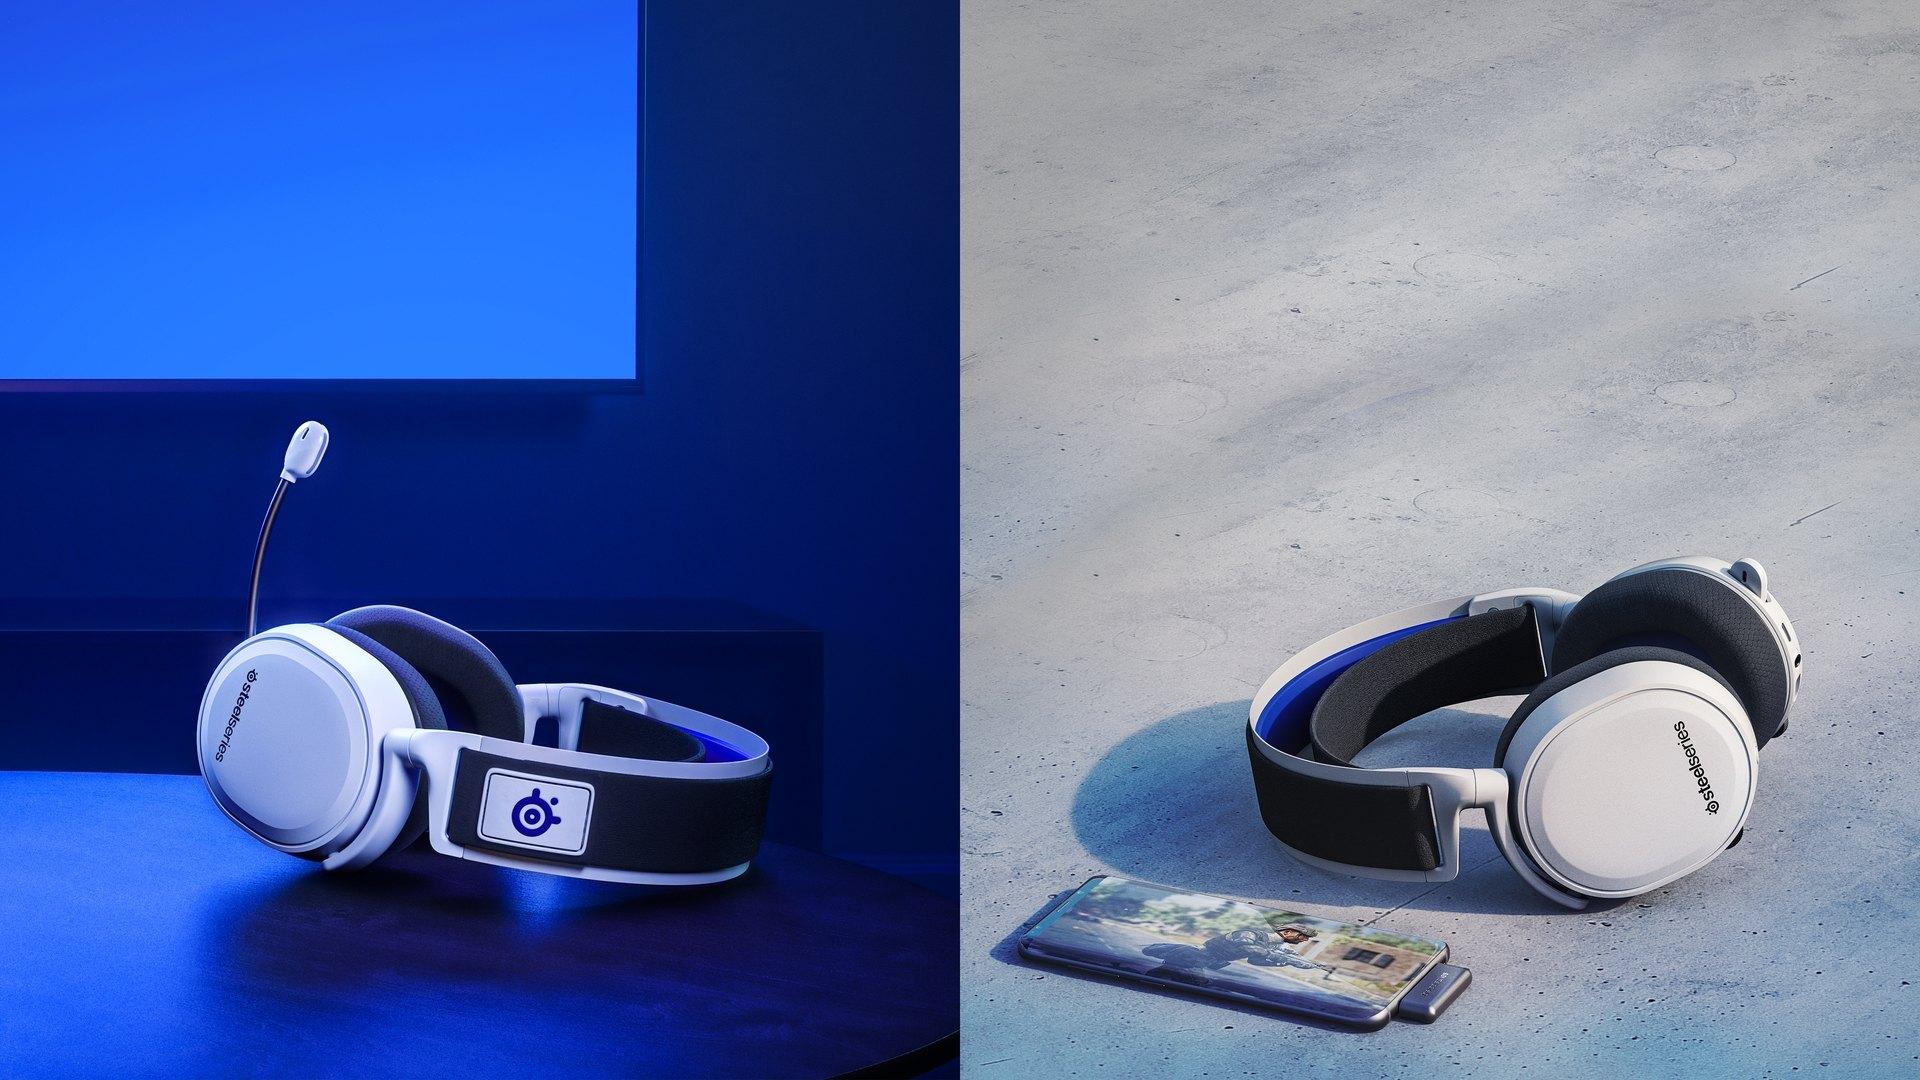 arctis 7P 耳機的雙圖片,呈現出無論耳機在何處都可以是無線的。